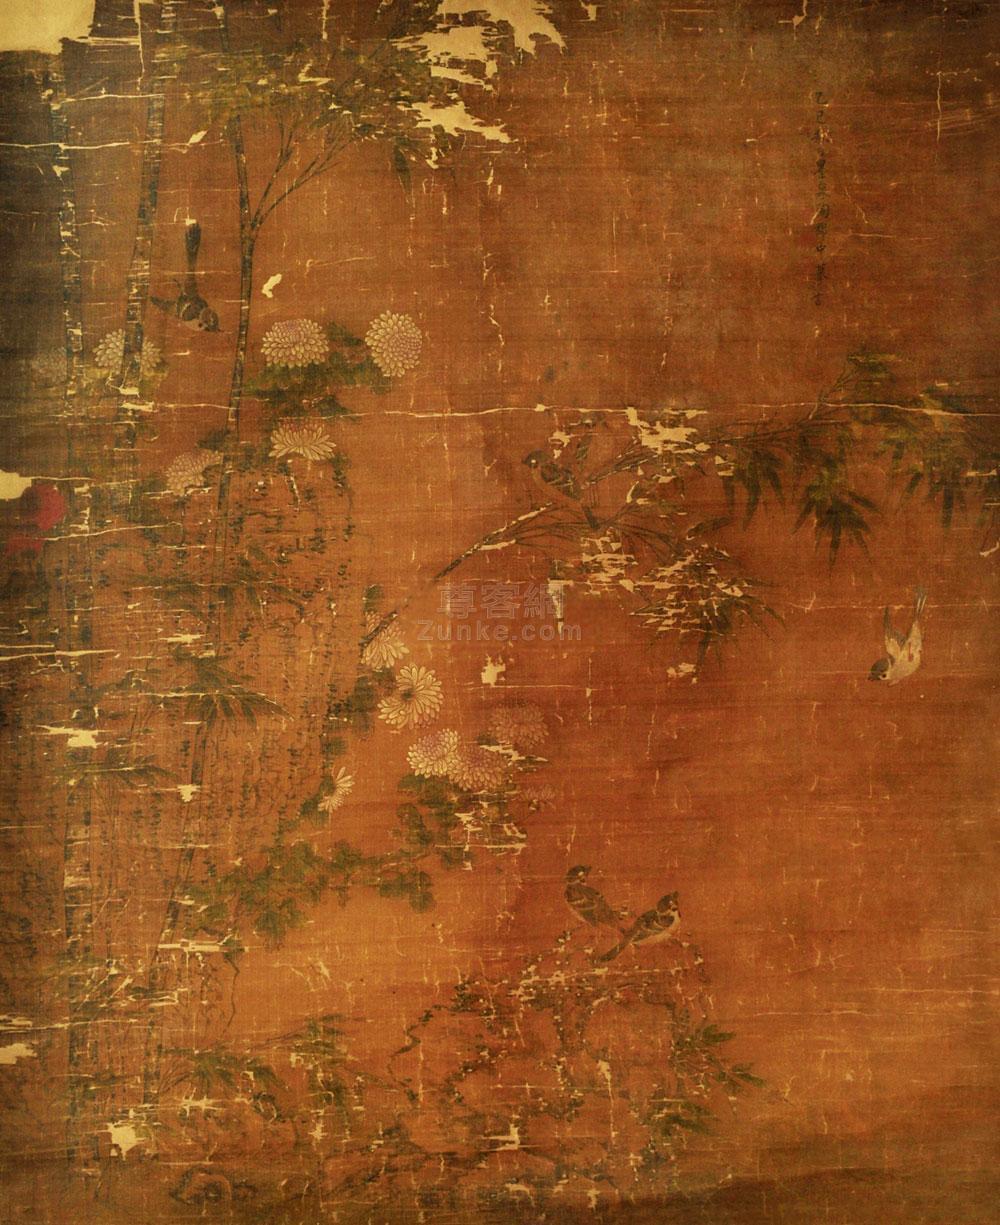 佚名 花鸟 镜片 绢本 佚名 花鸟 镜片 绢本作品欣赏